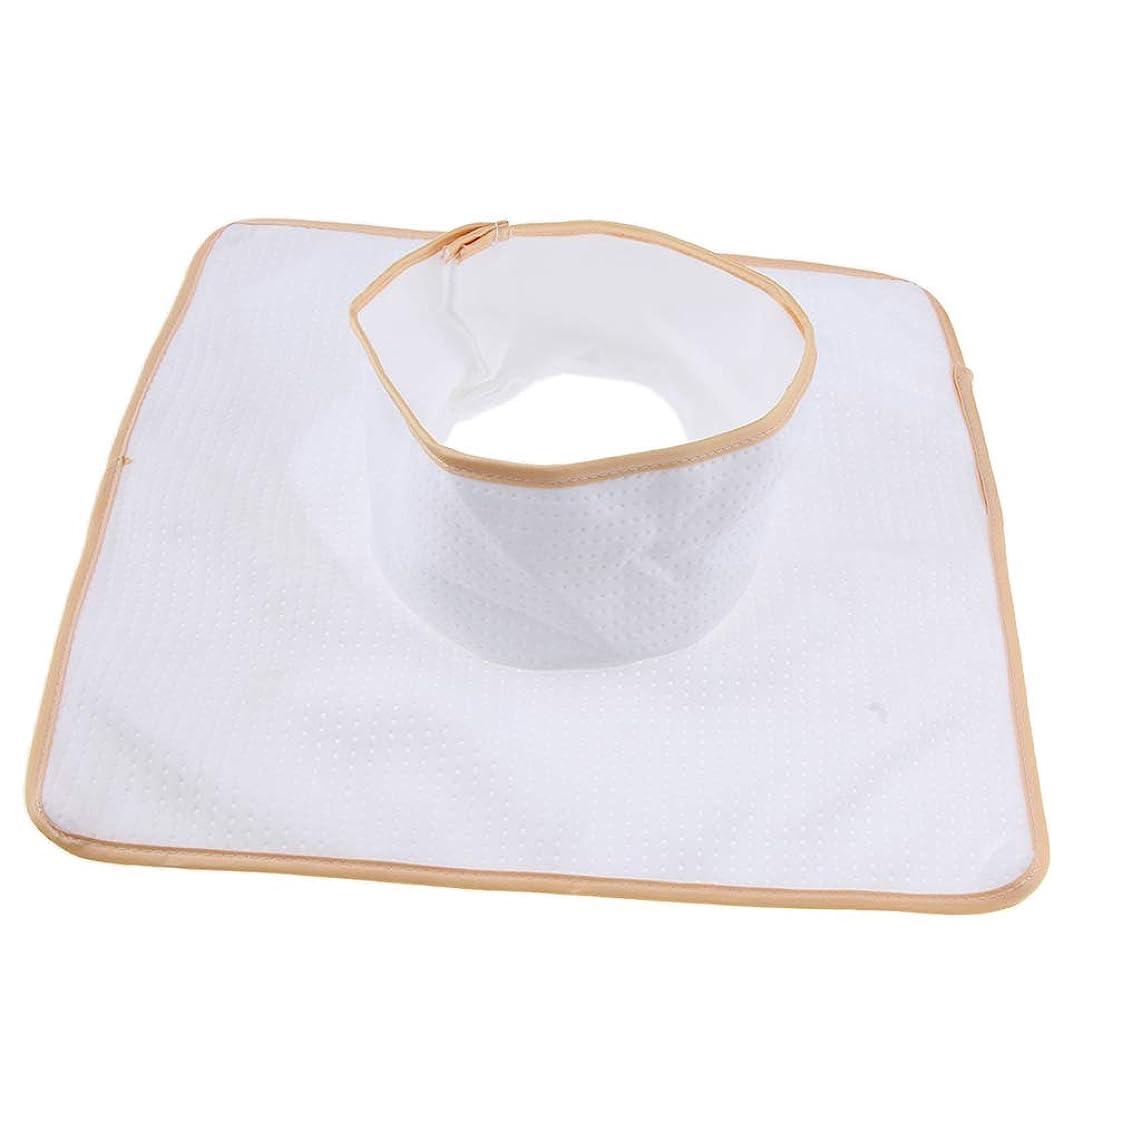 予報眉合意FLAMEER マッサージベッド サロンテーブル シート パッド 頭の穴 洗濯可能 約35×35cm 全3色 - 白